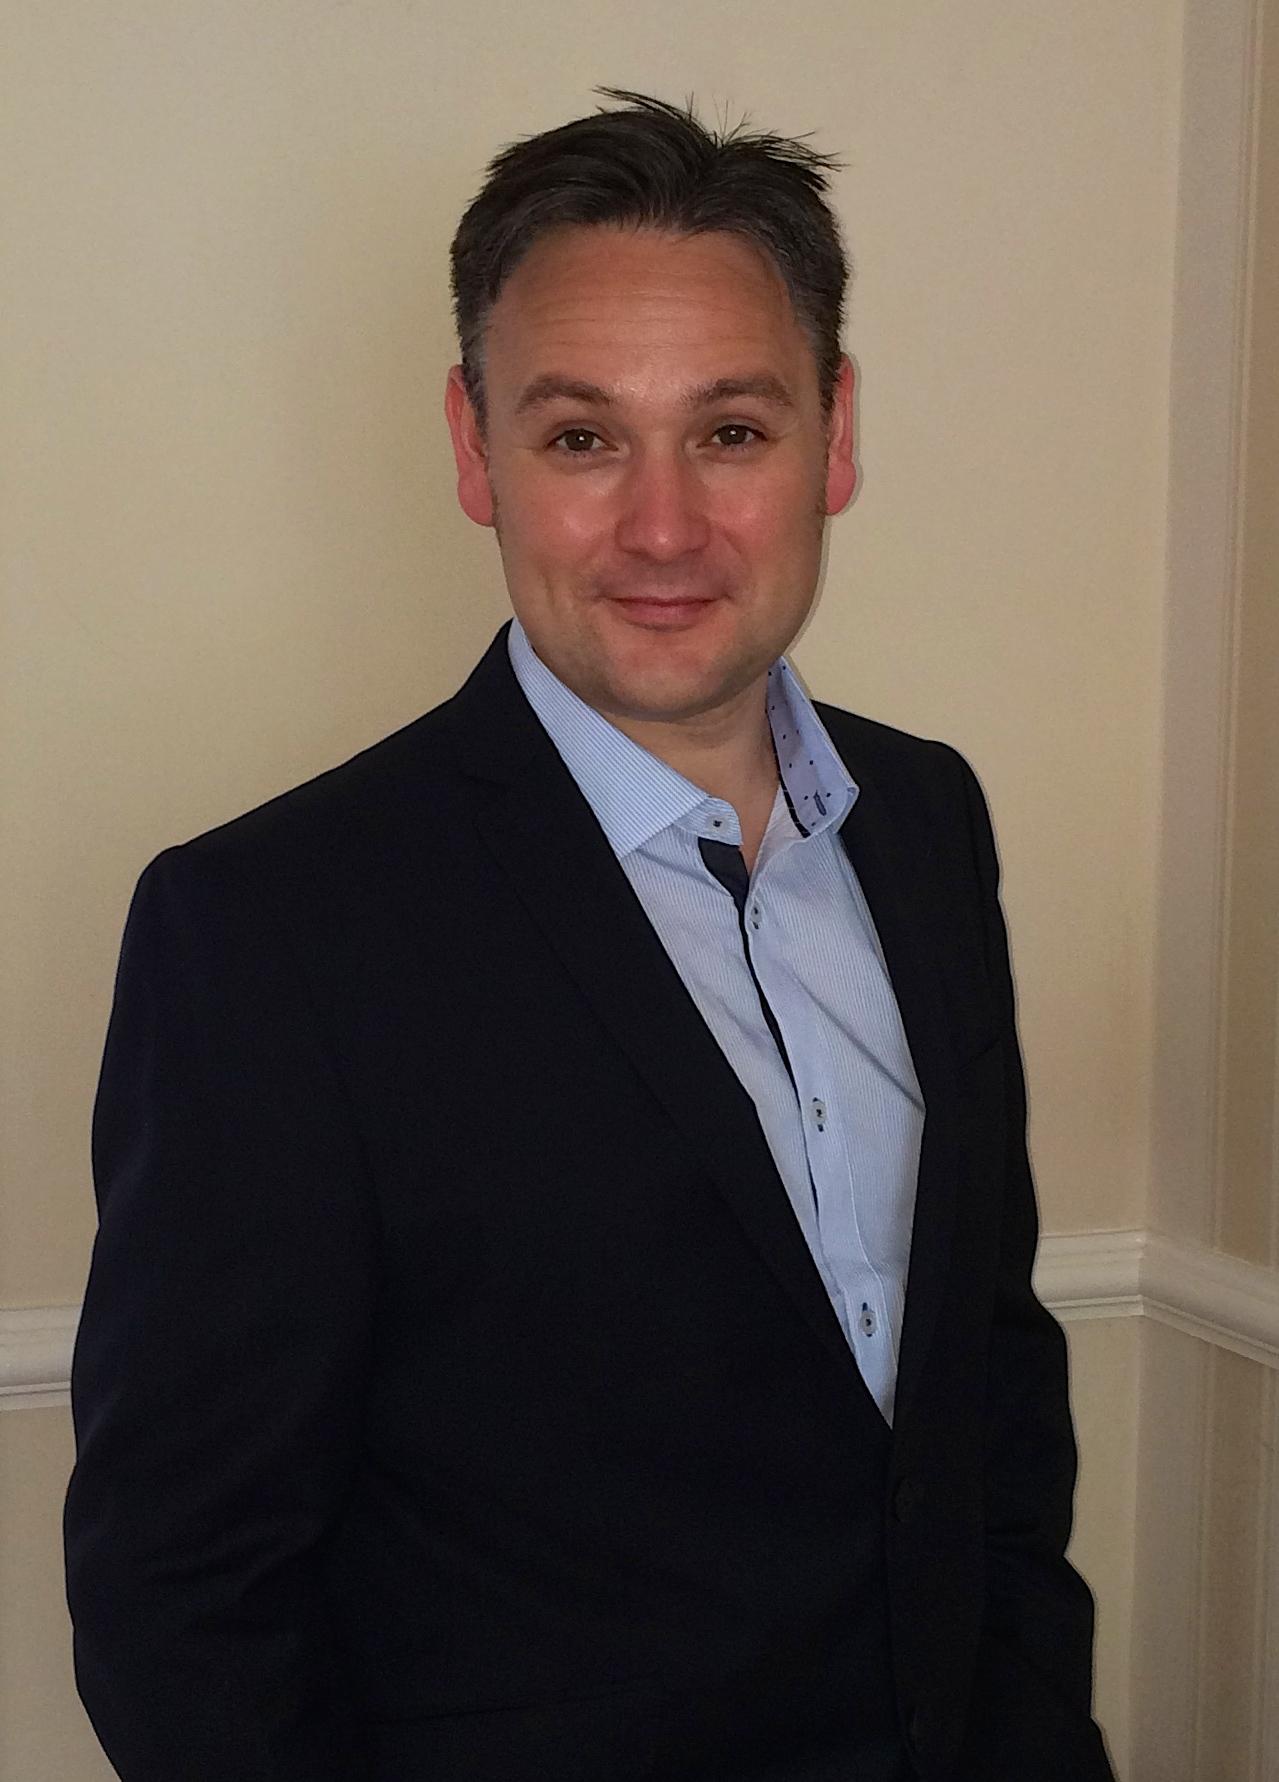 Christian Garrington - Online Marketing Consultant